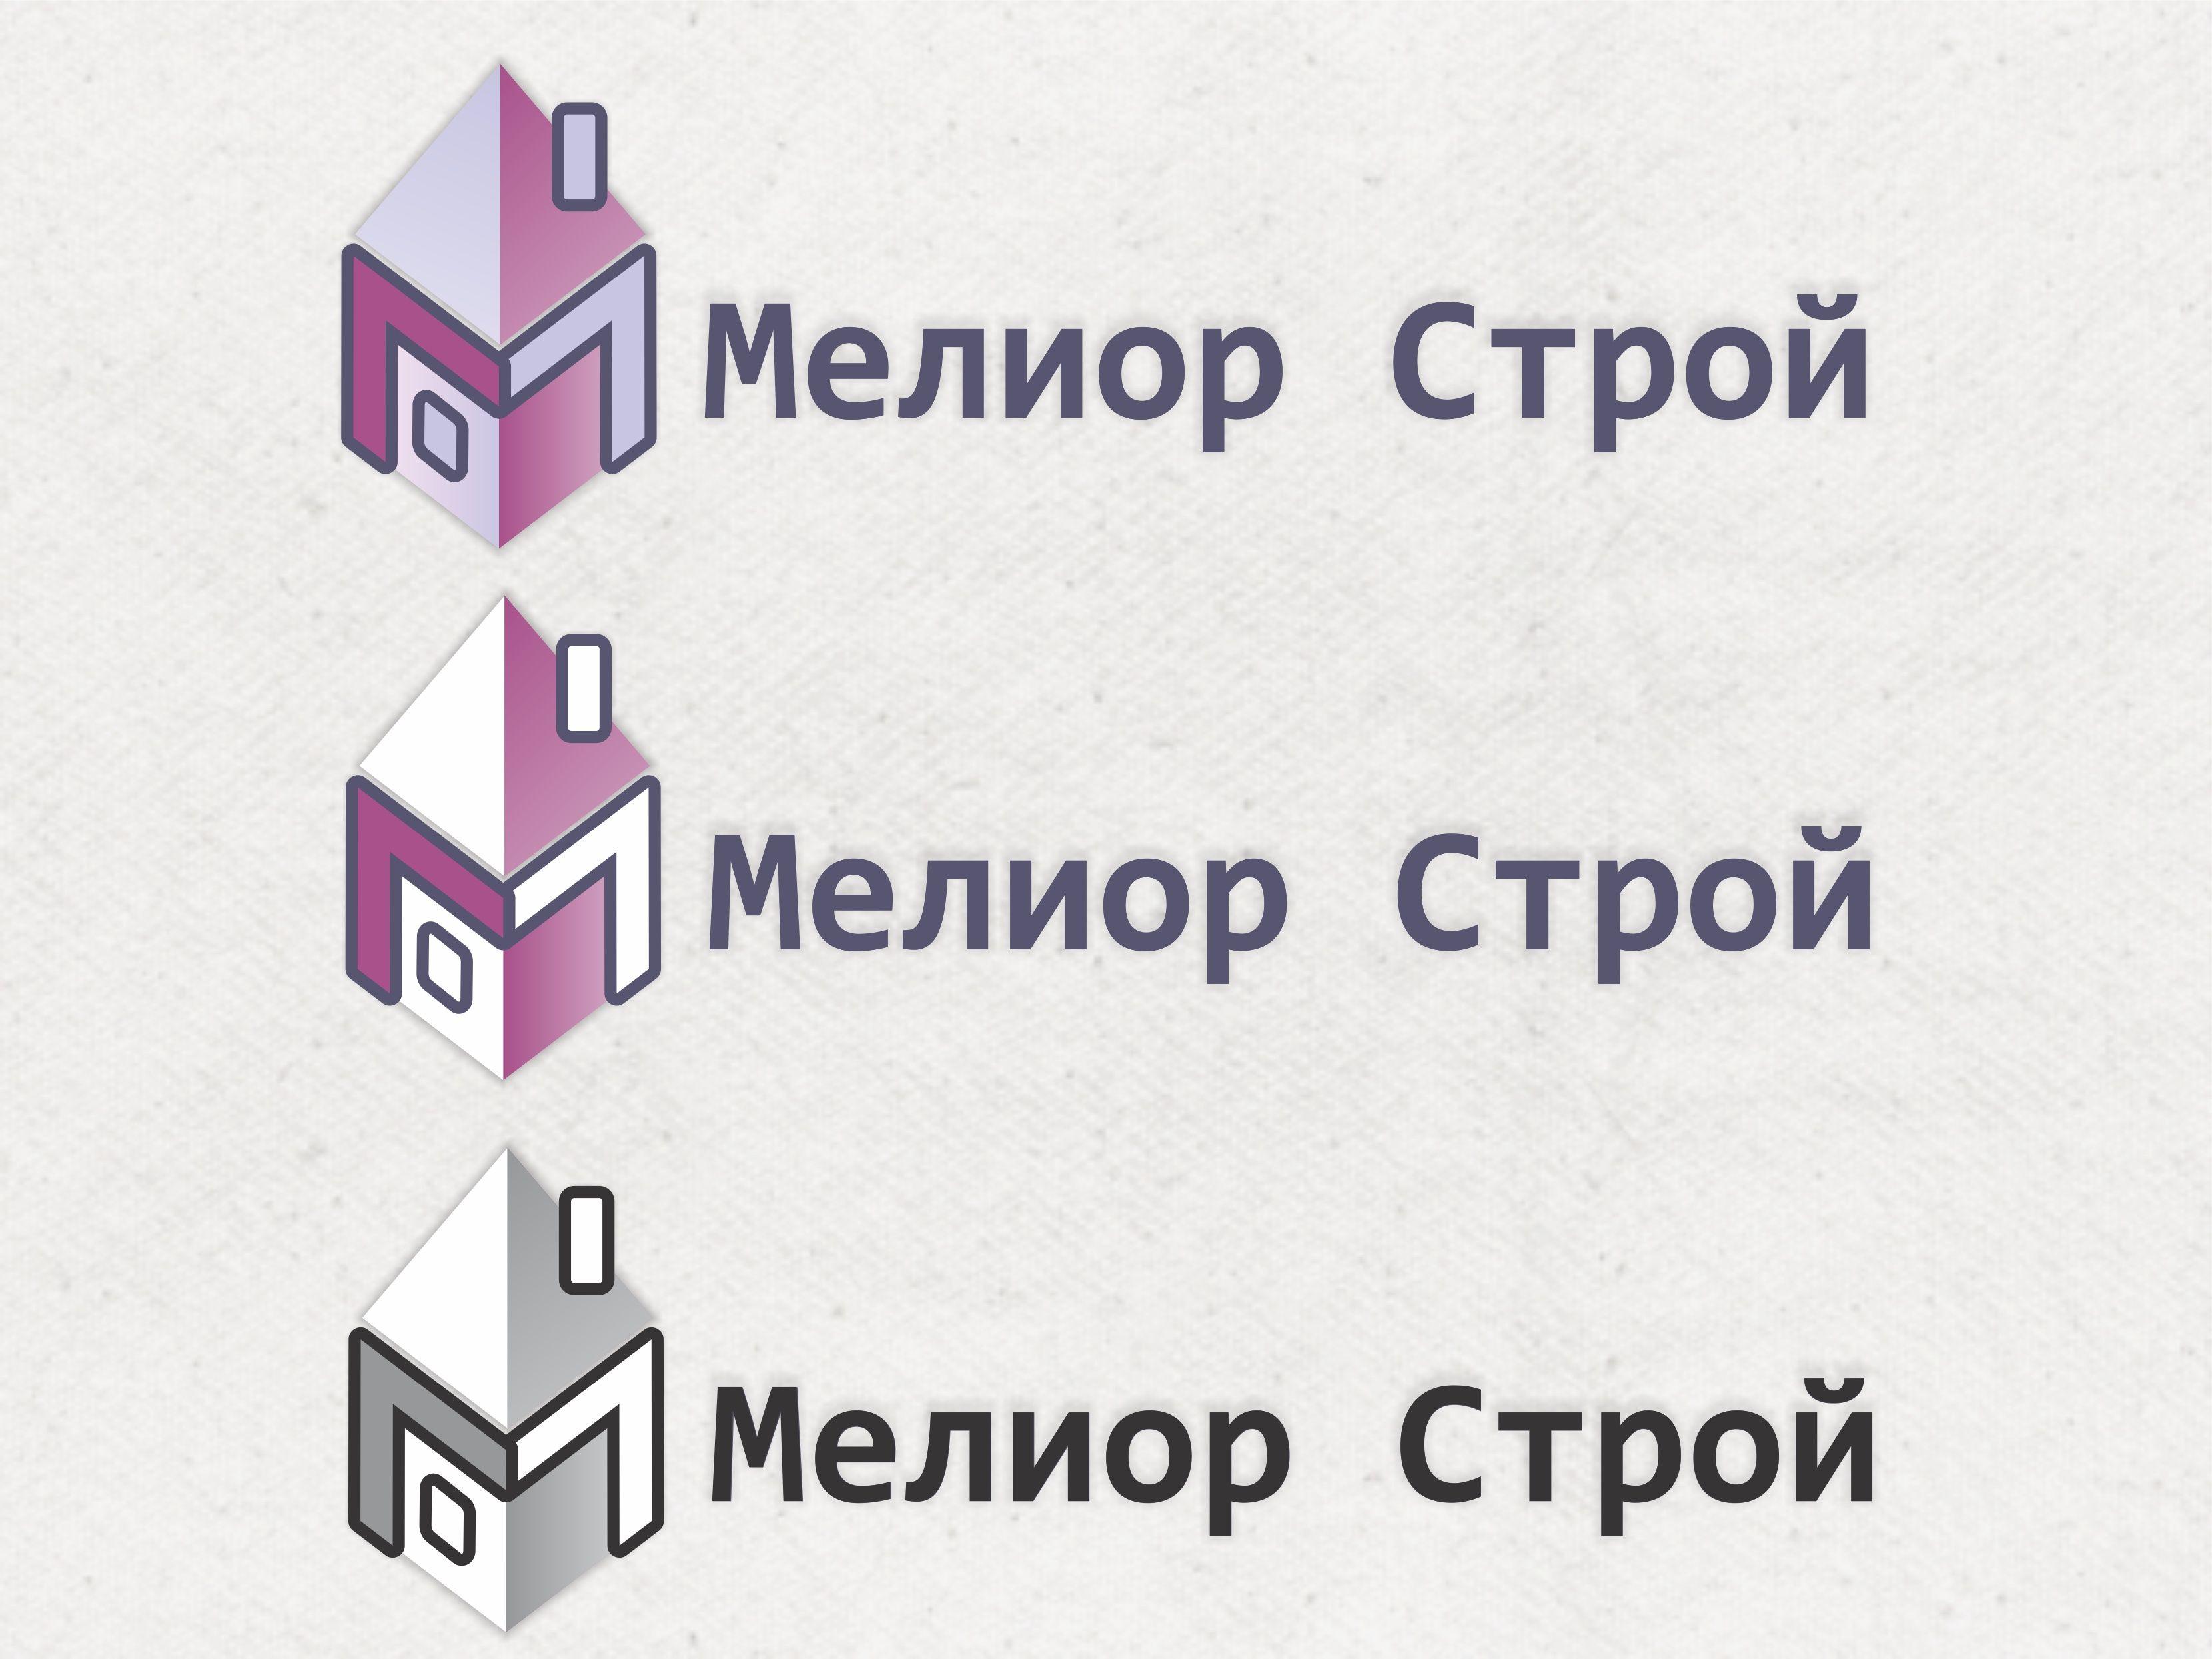 Фирменный стиль для Мелиор Строй - дизайнер tritatuski